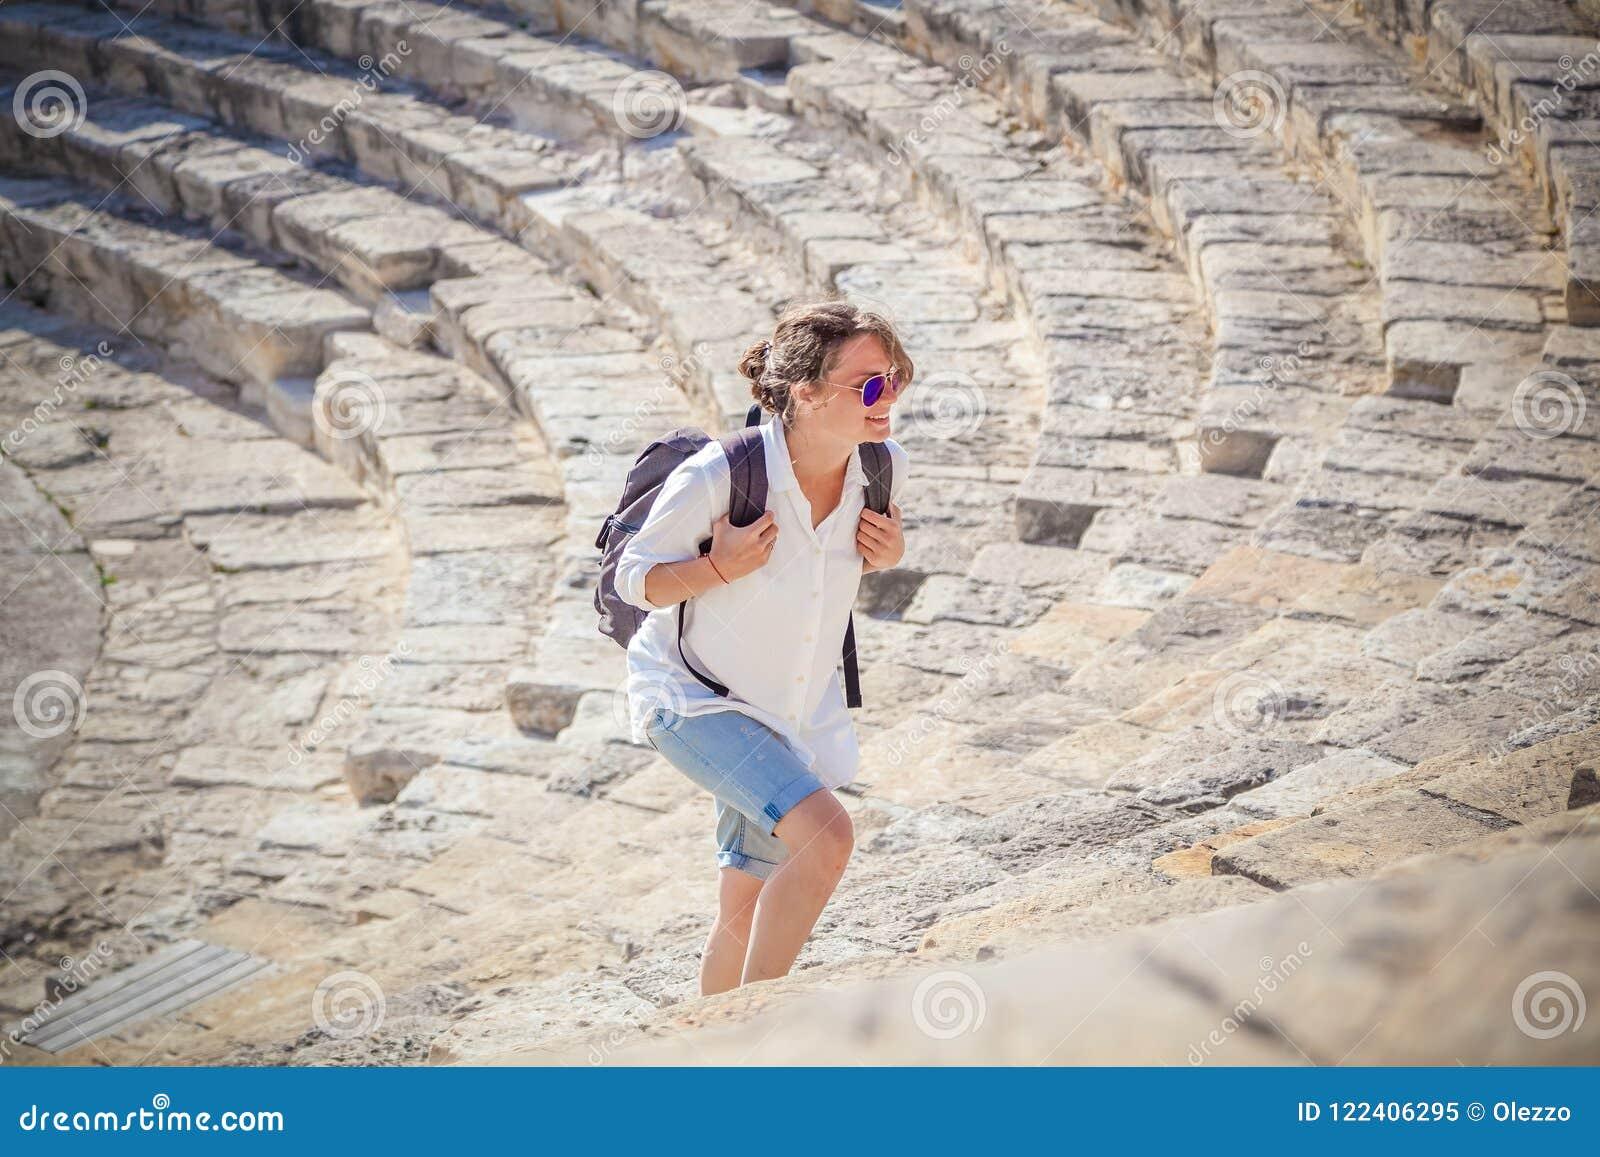 Turist för ung kvinna med en ryggsäck på bakgrunden av sten